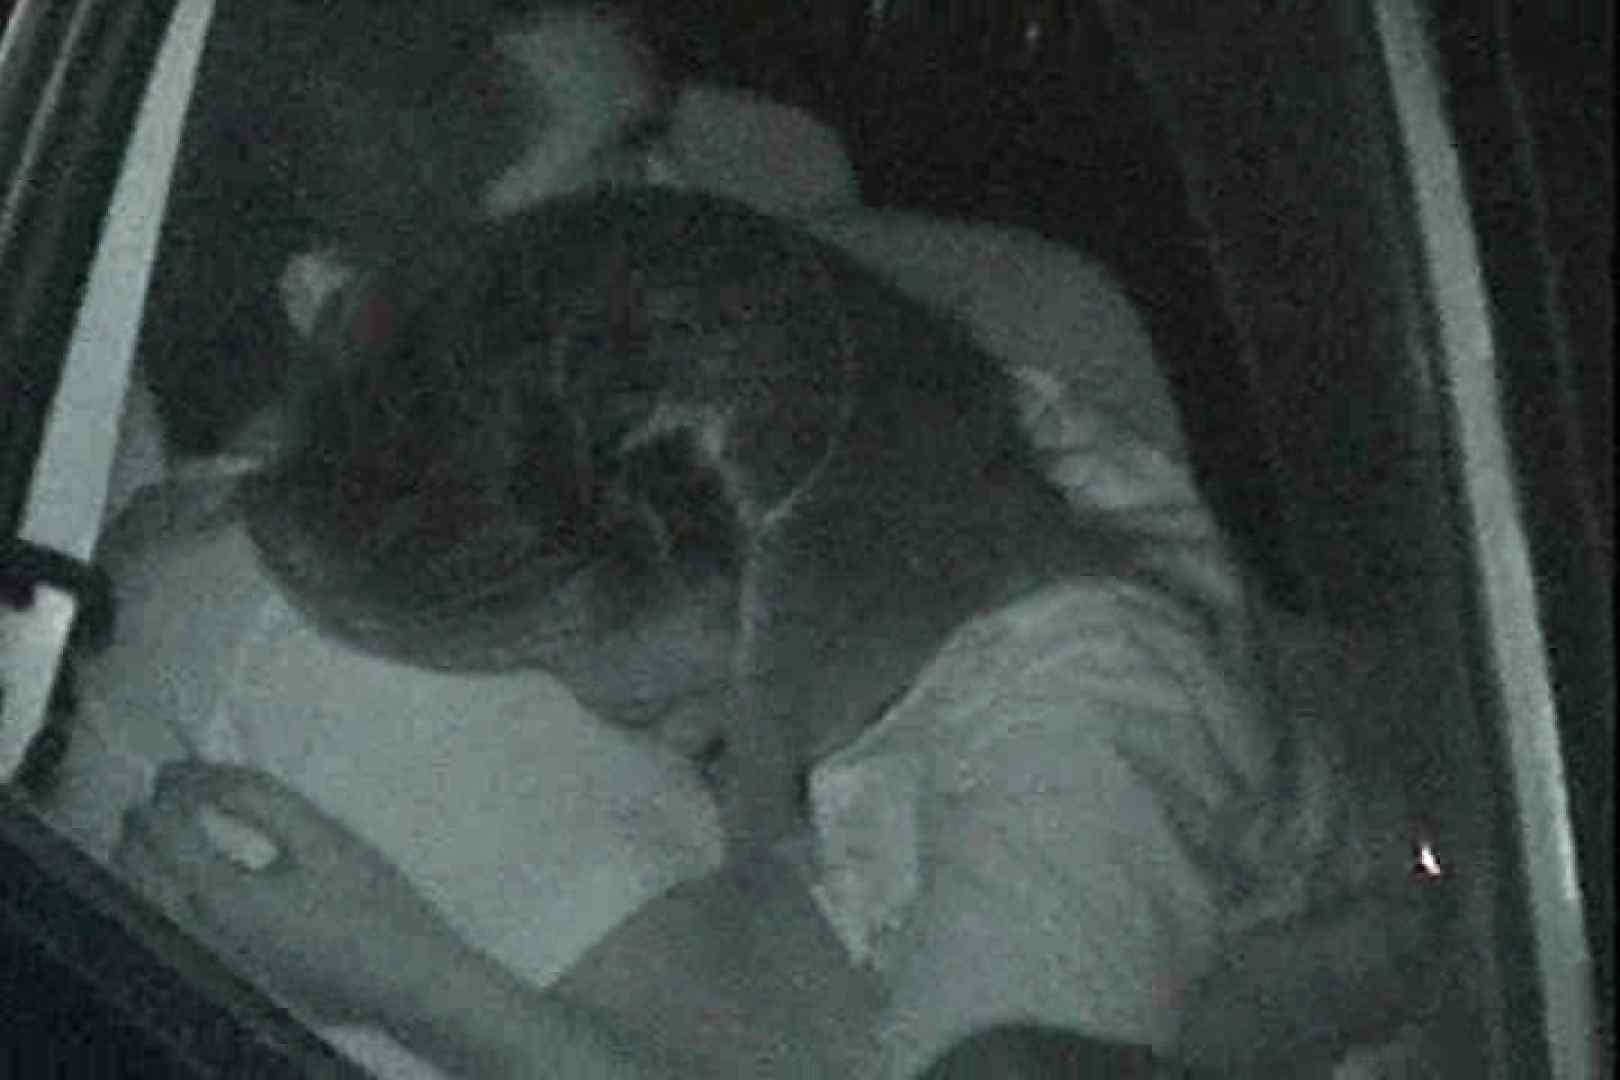 充血監督の深夜の運動会Vol.41 OLセックス 盗撮ヌード画像 79画像 12